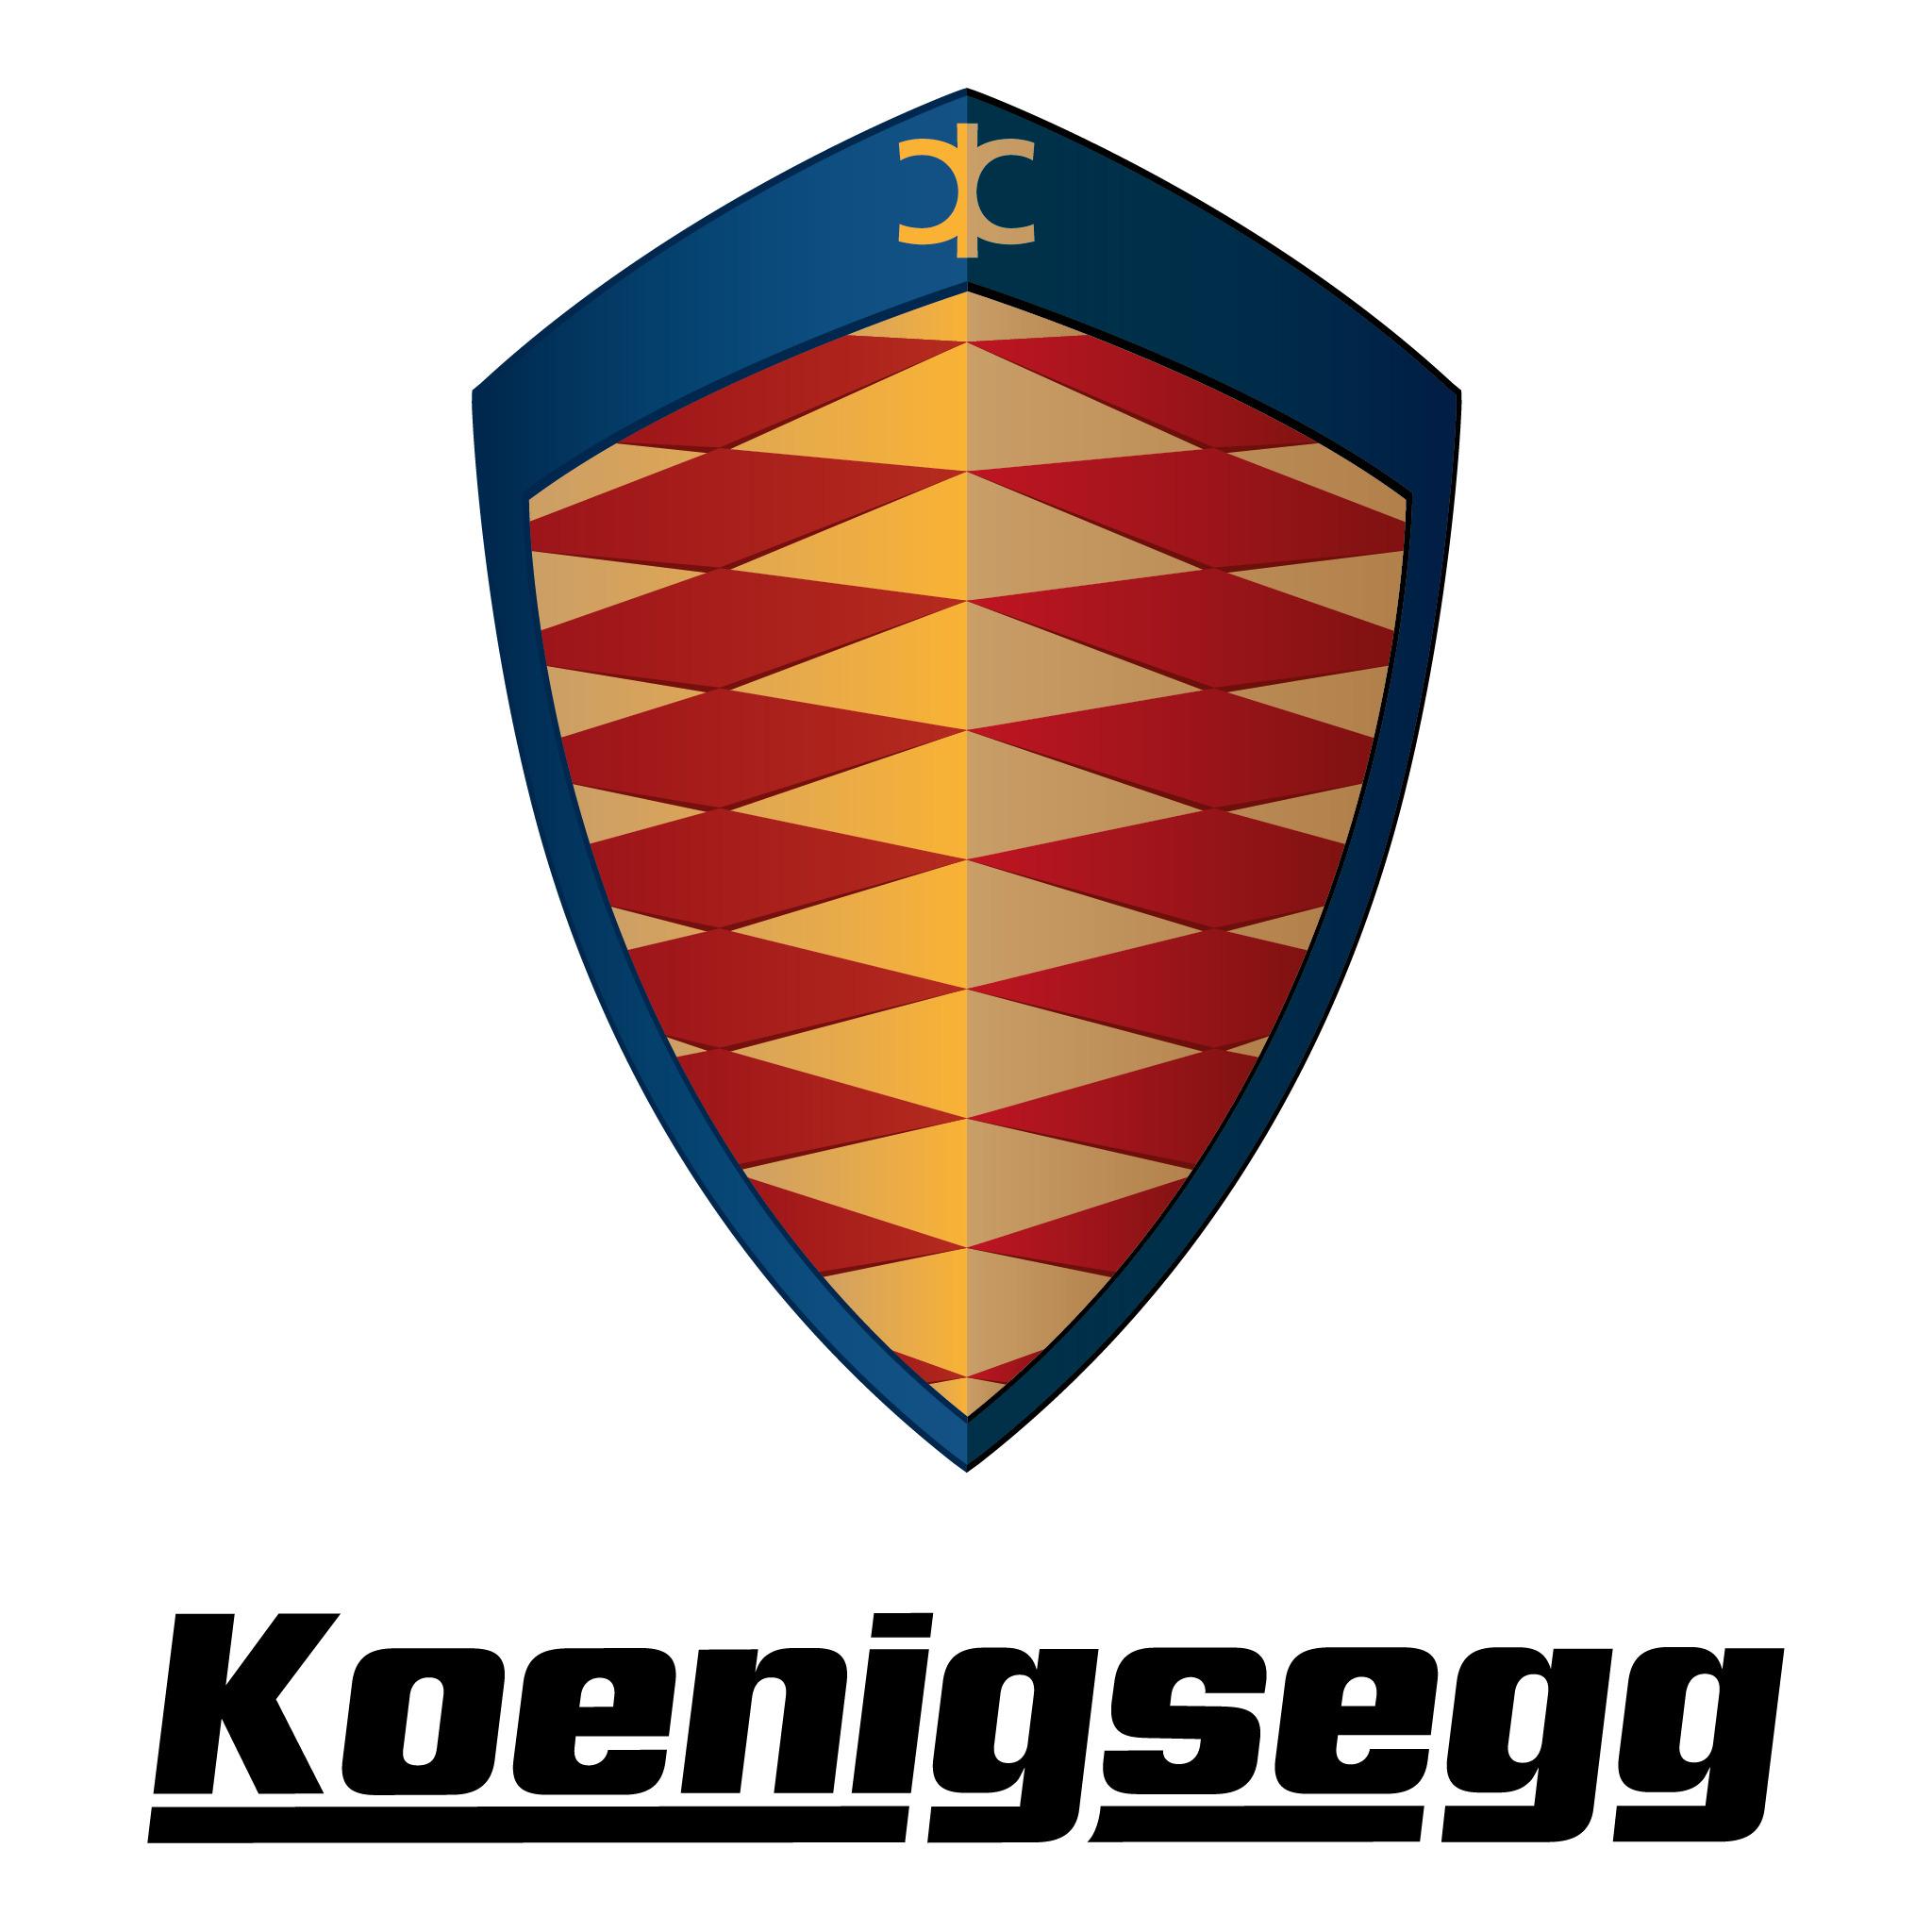 Imagen logo de Koenigsegg